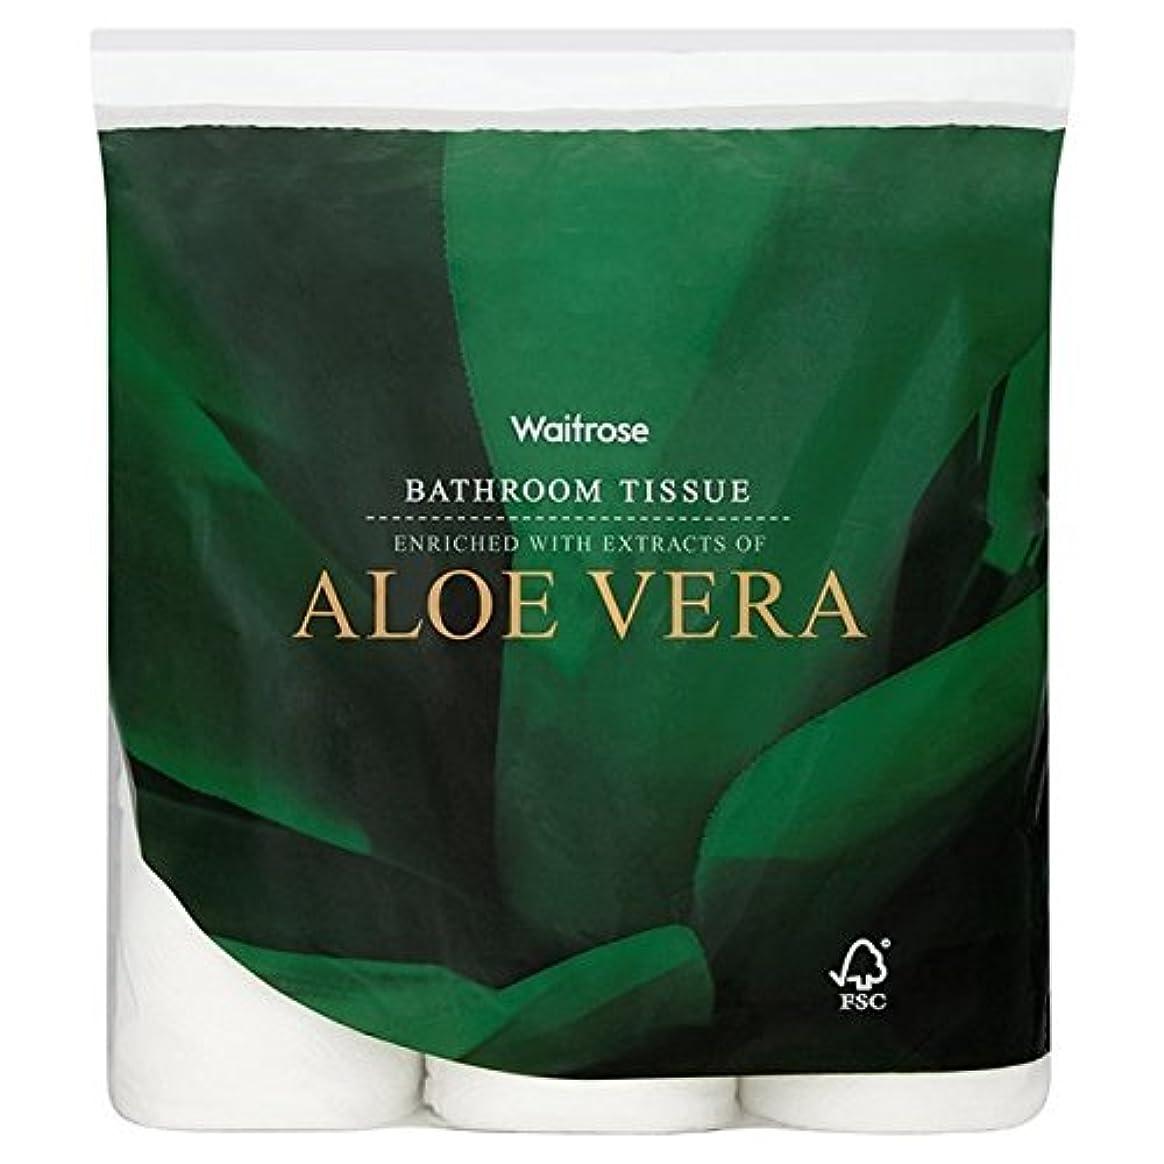 監督する製油所解釈Aloe Vera Bathroom Tissue White Waitrose 9 per pack (Pack of 6) - パックあたりアロエベラ浴室組織白ウェイトローズ9 x6 [並行輸入品]